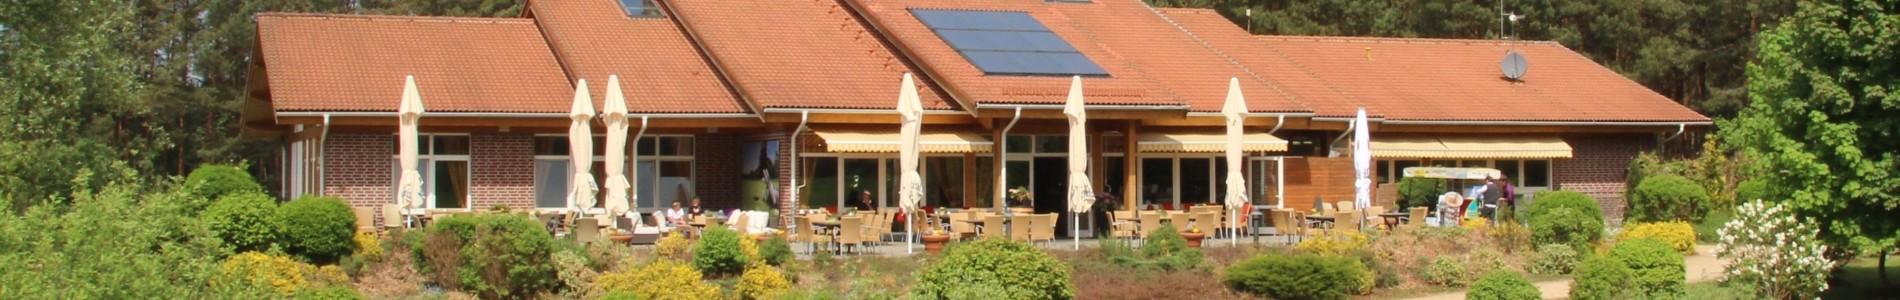 Bild Clubhaus mit Terrassenansicht